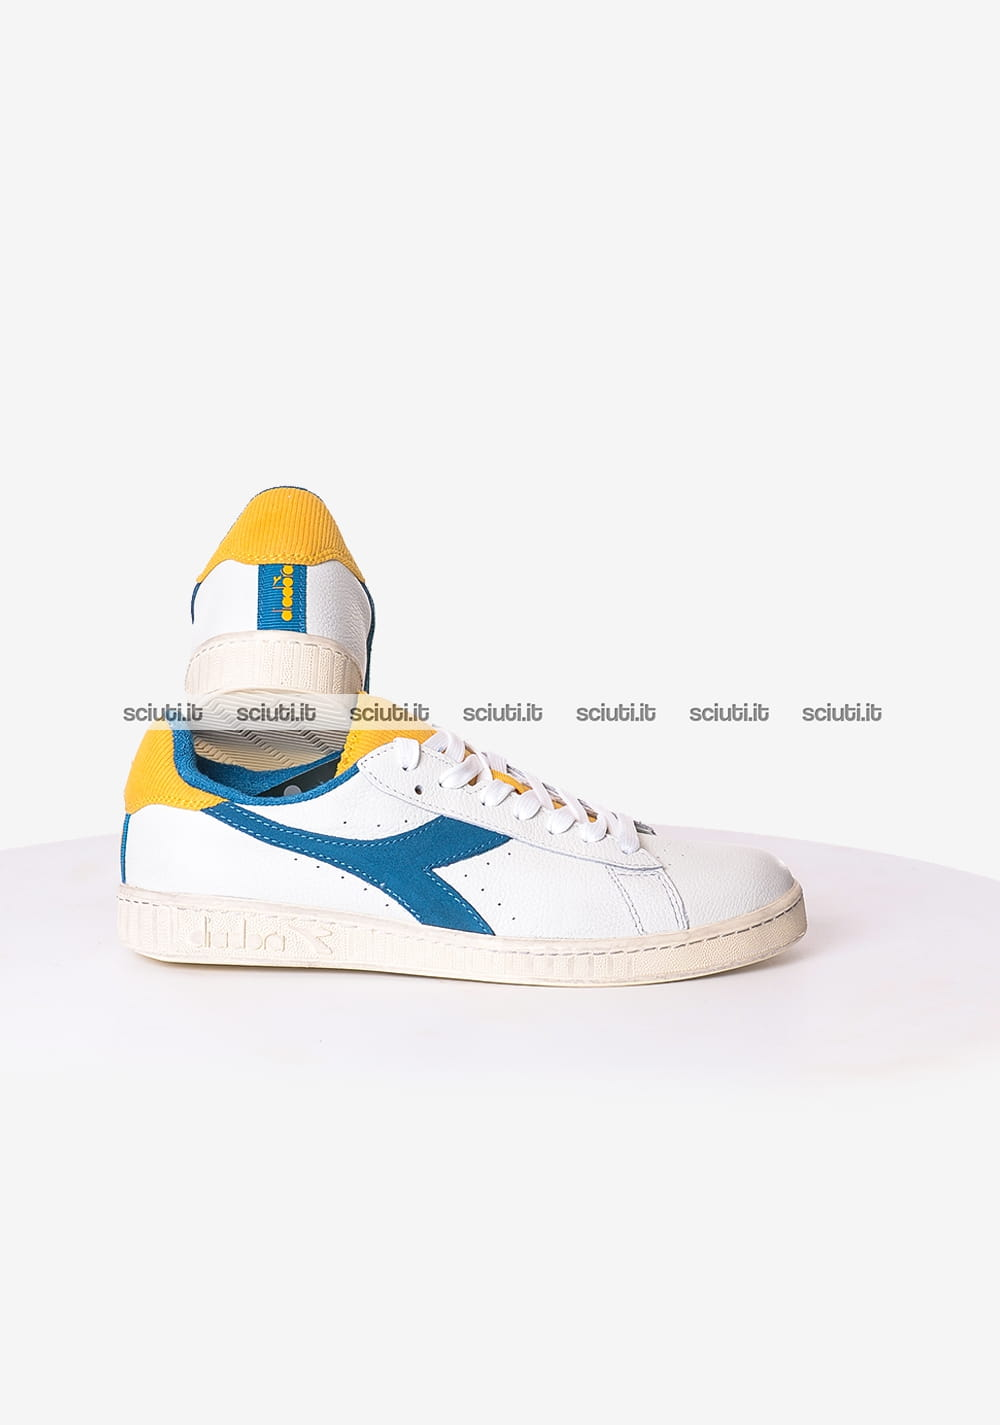 Garanzia di qualità al 100% come ottenere stile di moda del 2019 Scarpe Diadora uomo Game L Low Used bianco blu | Sciuti.it